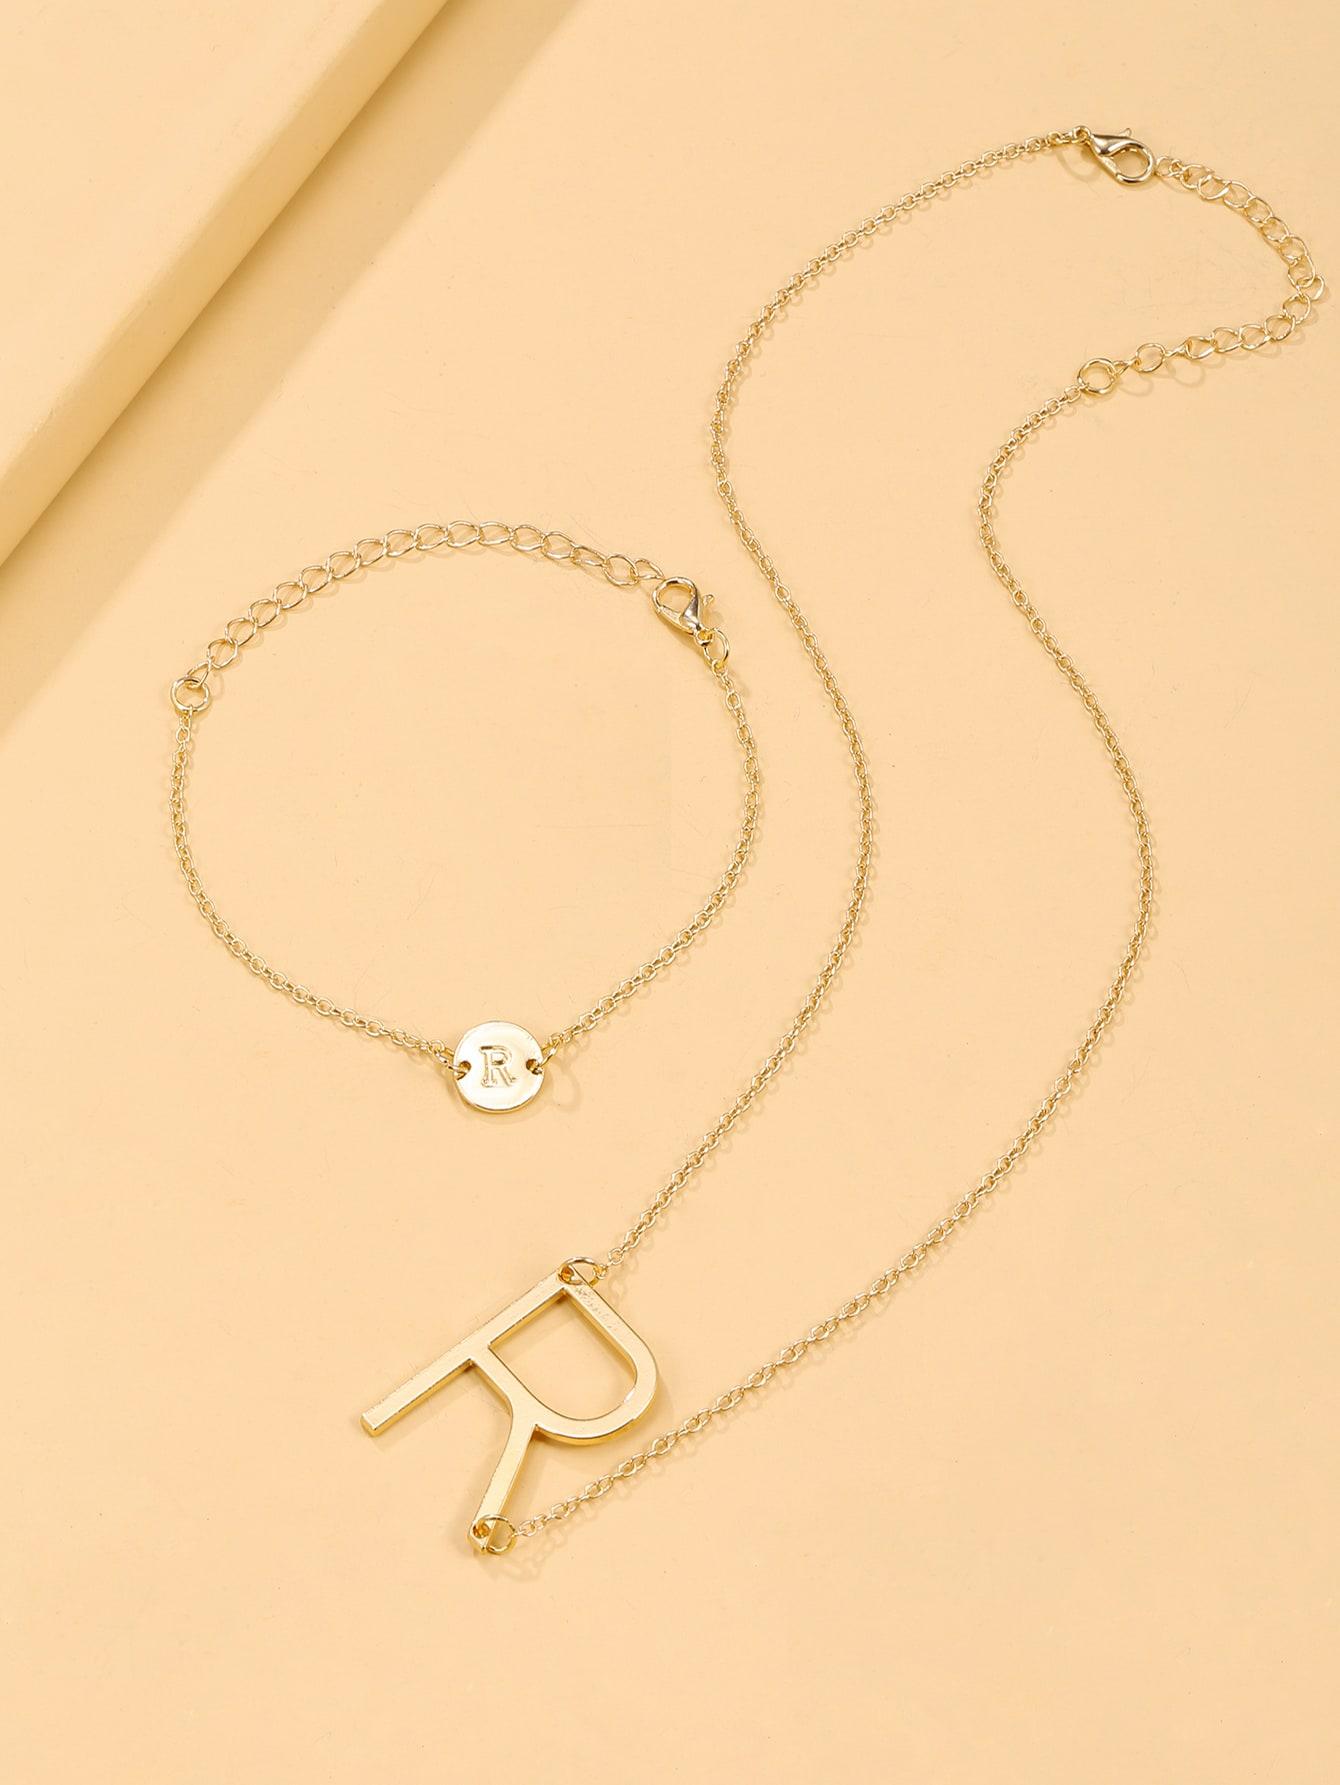 Letter Decor Necklace & Bracelet thumbnail